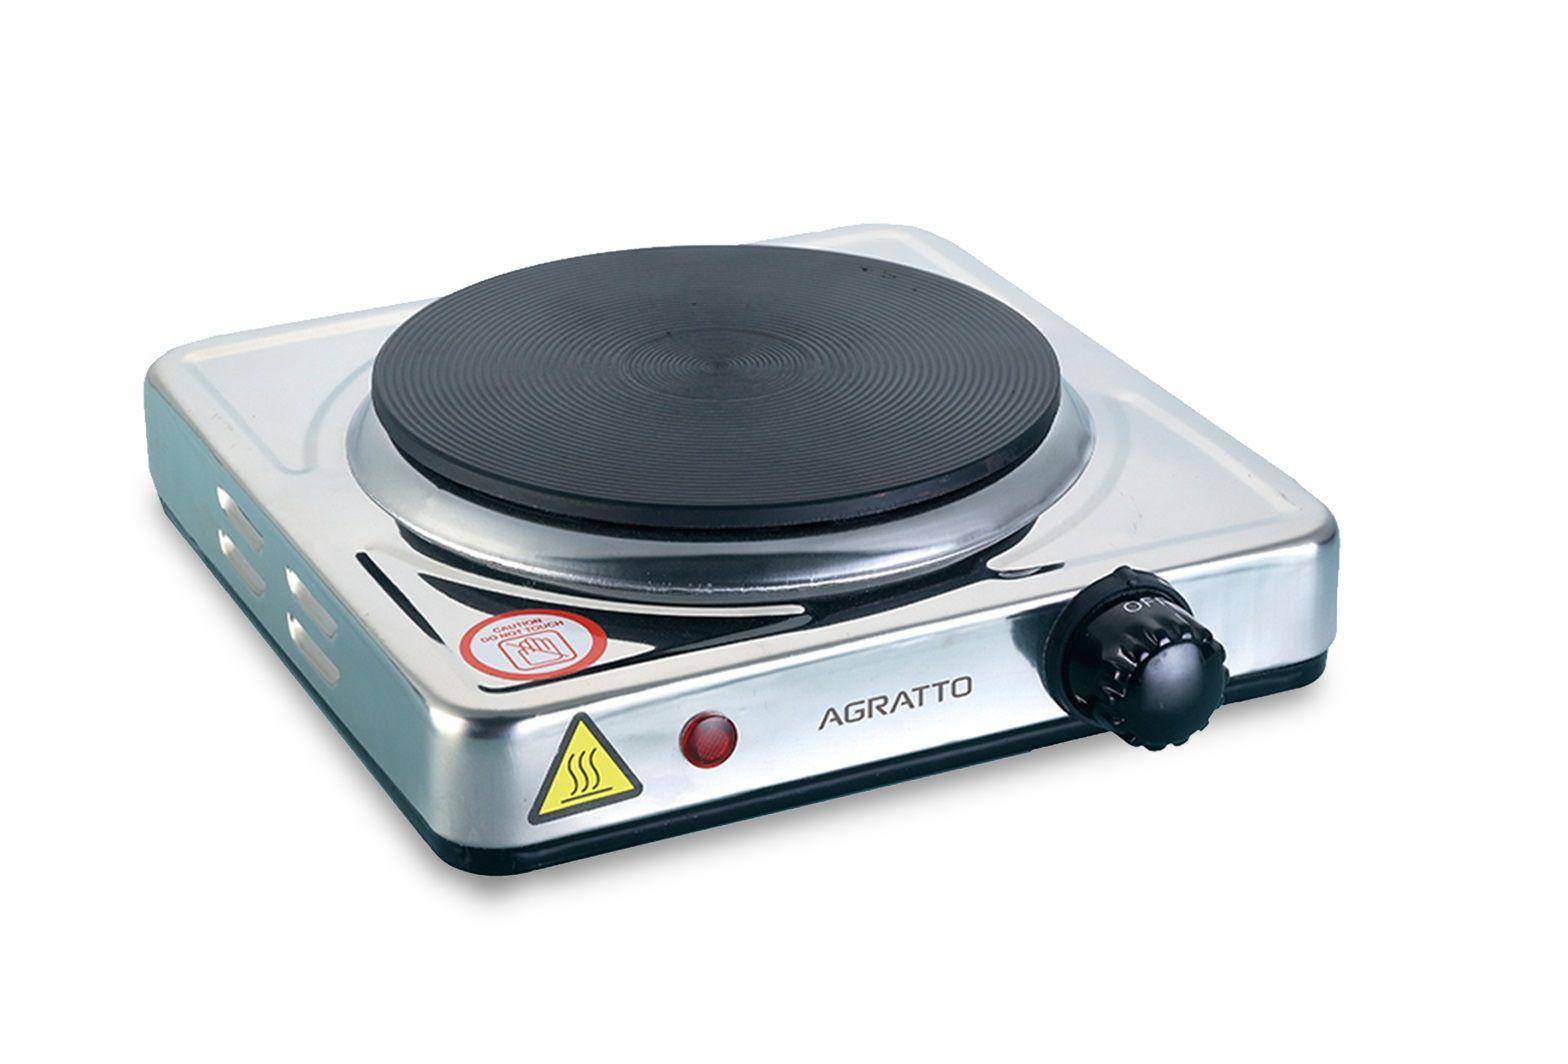 Fogão Elétrico 1 Boca portátil De Mesa Aço Inox Cooktop 1500W Agratto  - Mix Eletro